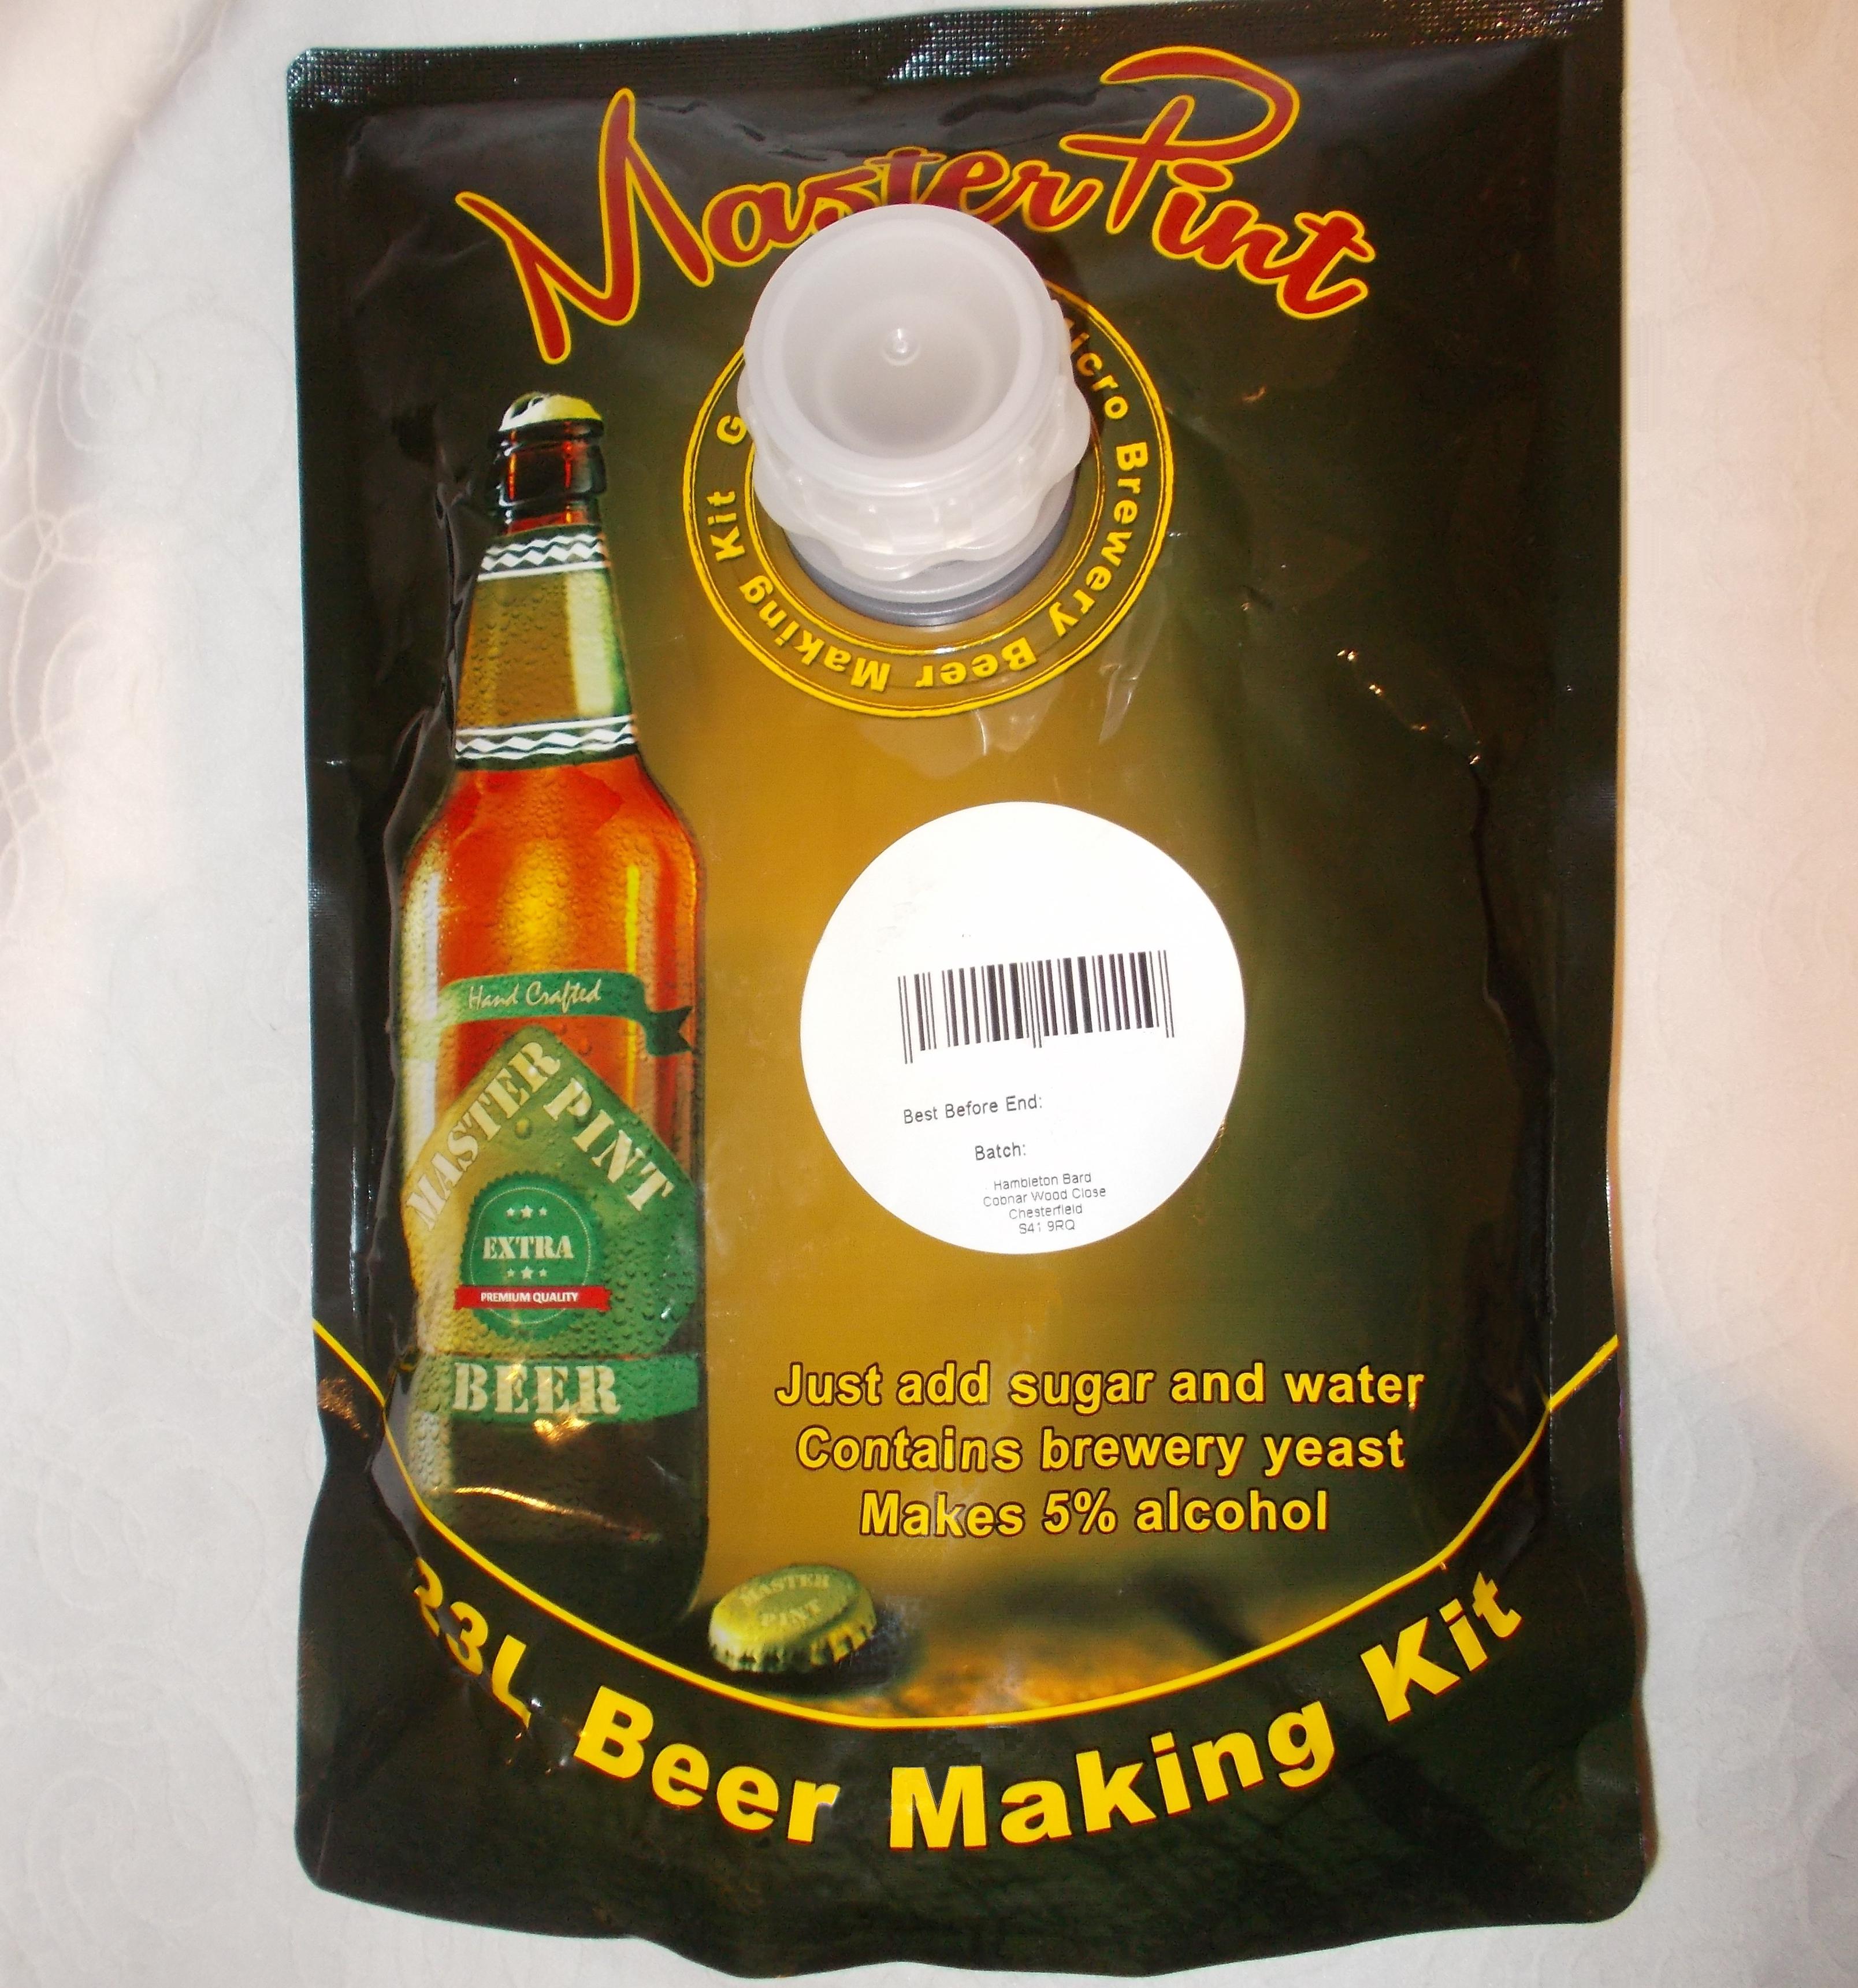 Masterpint Dark Ale